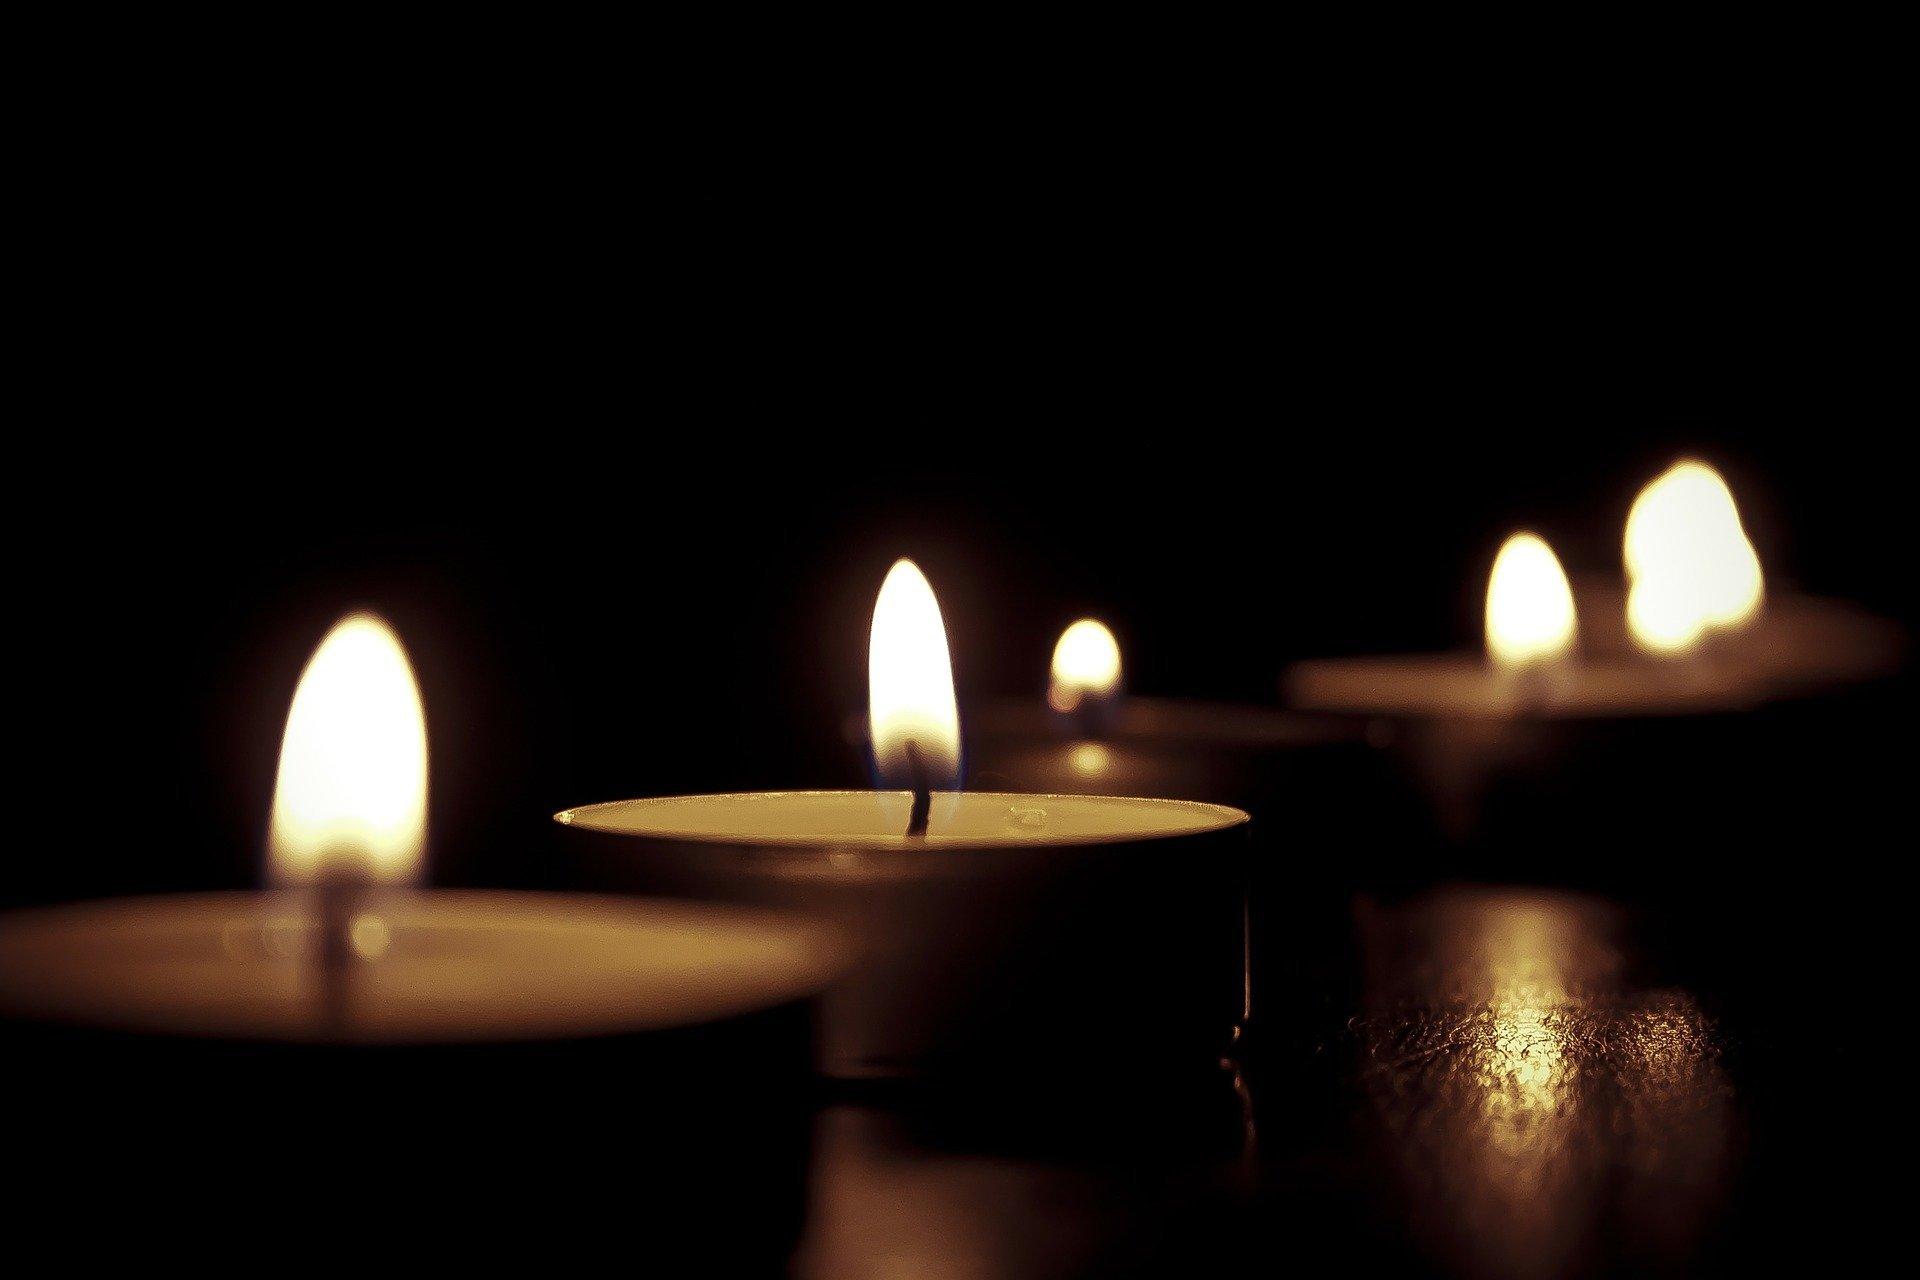 Candles 209157 1920 Bild von Katie Phillips auf Pixabay